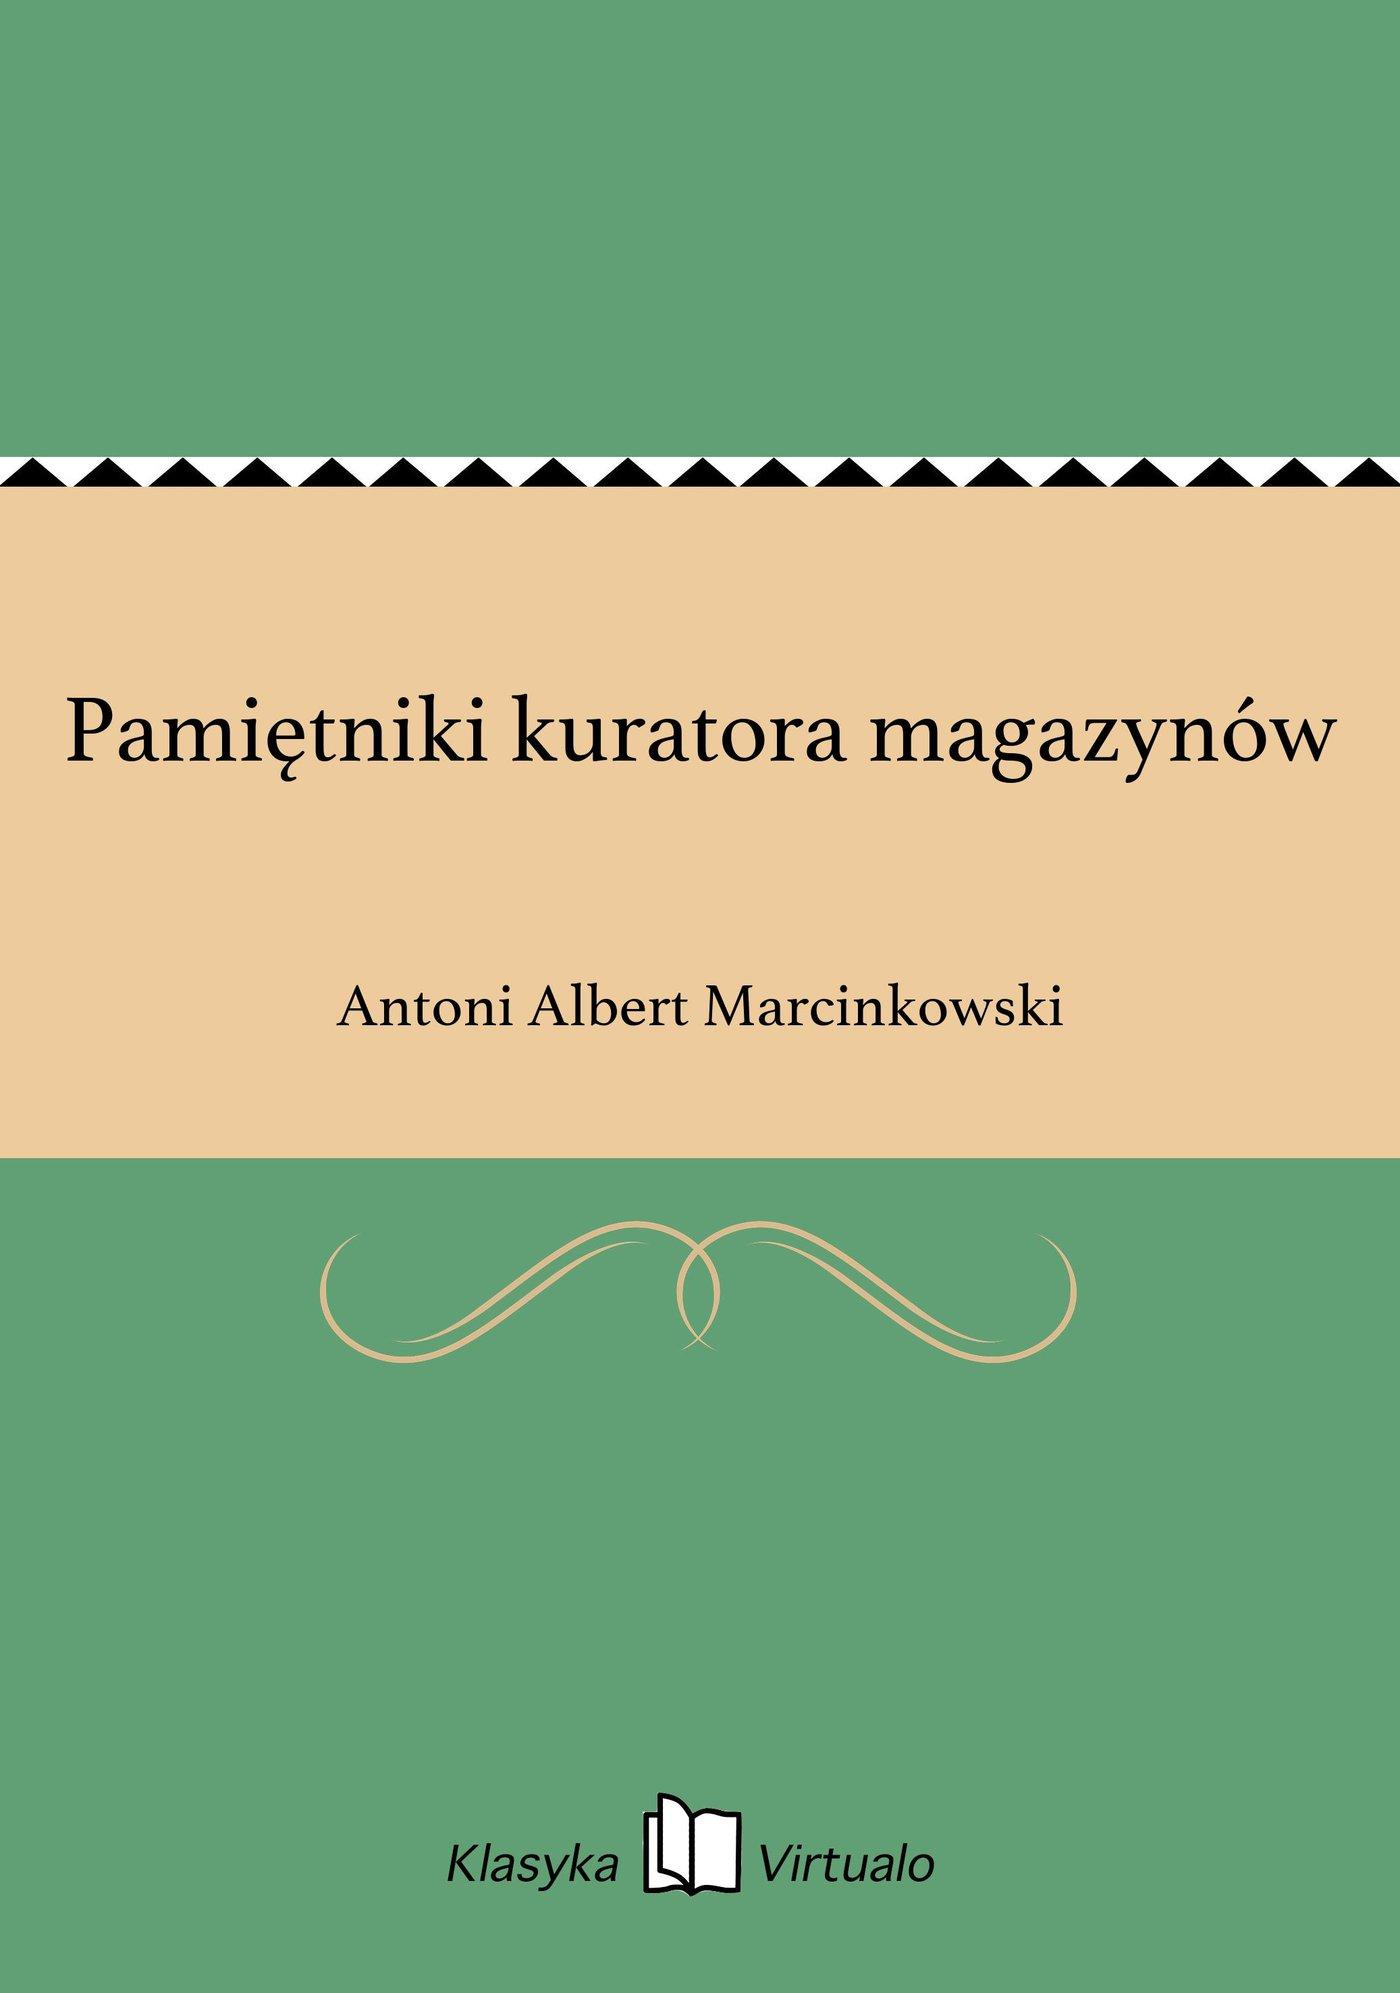 Pamiętniki kuratora magazynów - Ebook (Książka EPUB) do pobrania w formacie EPUB